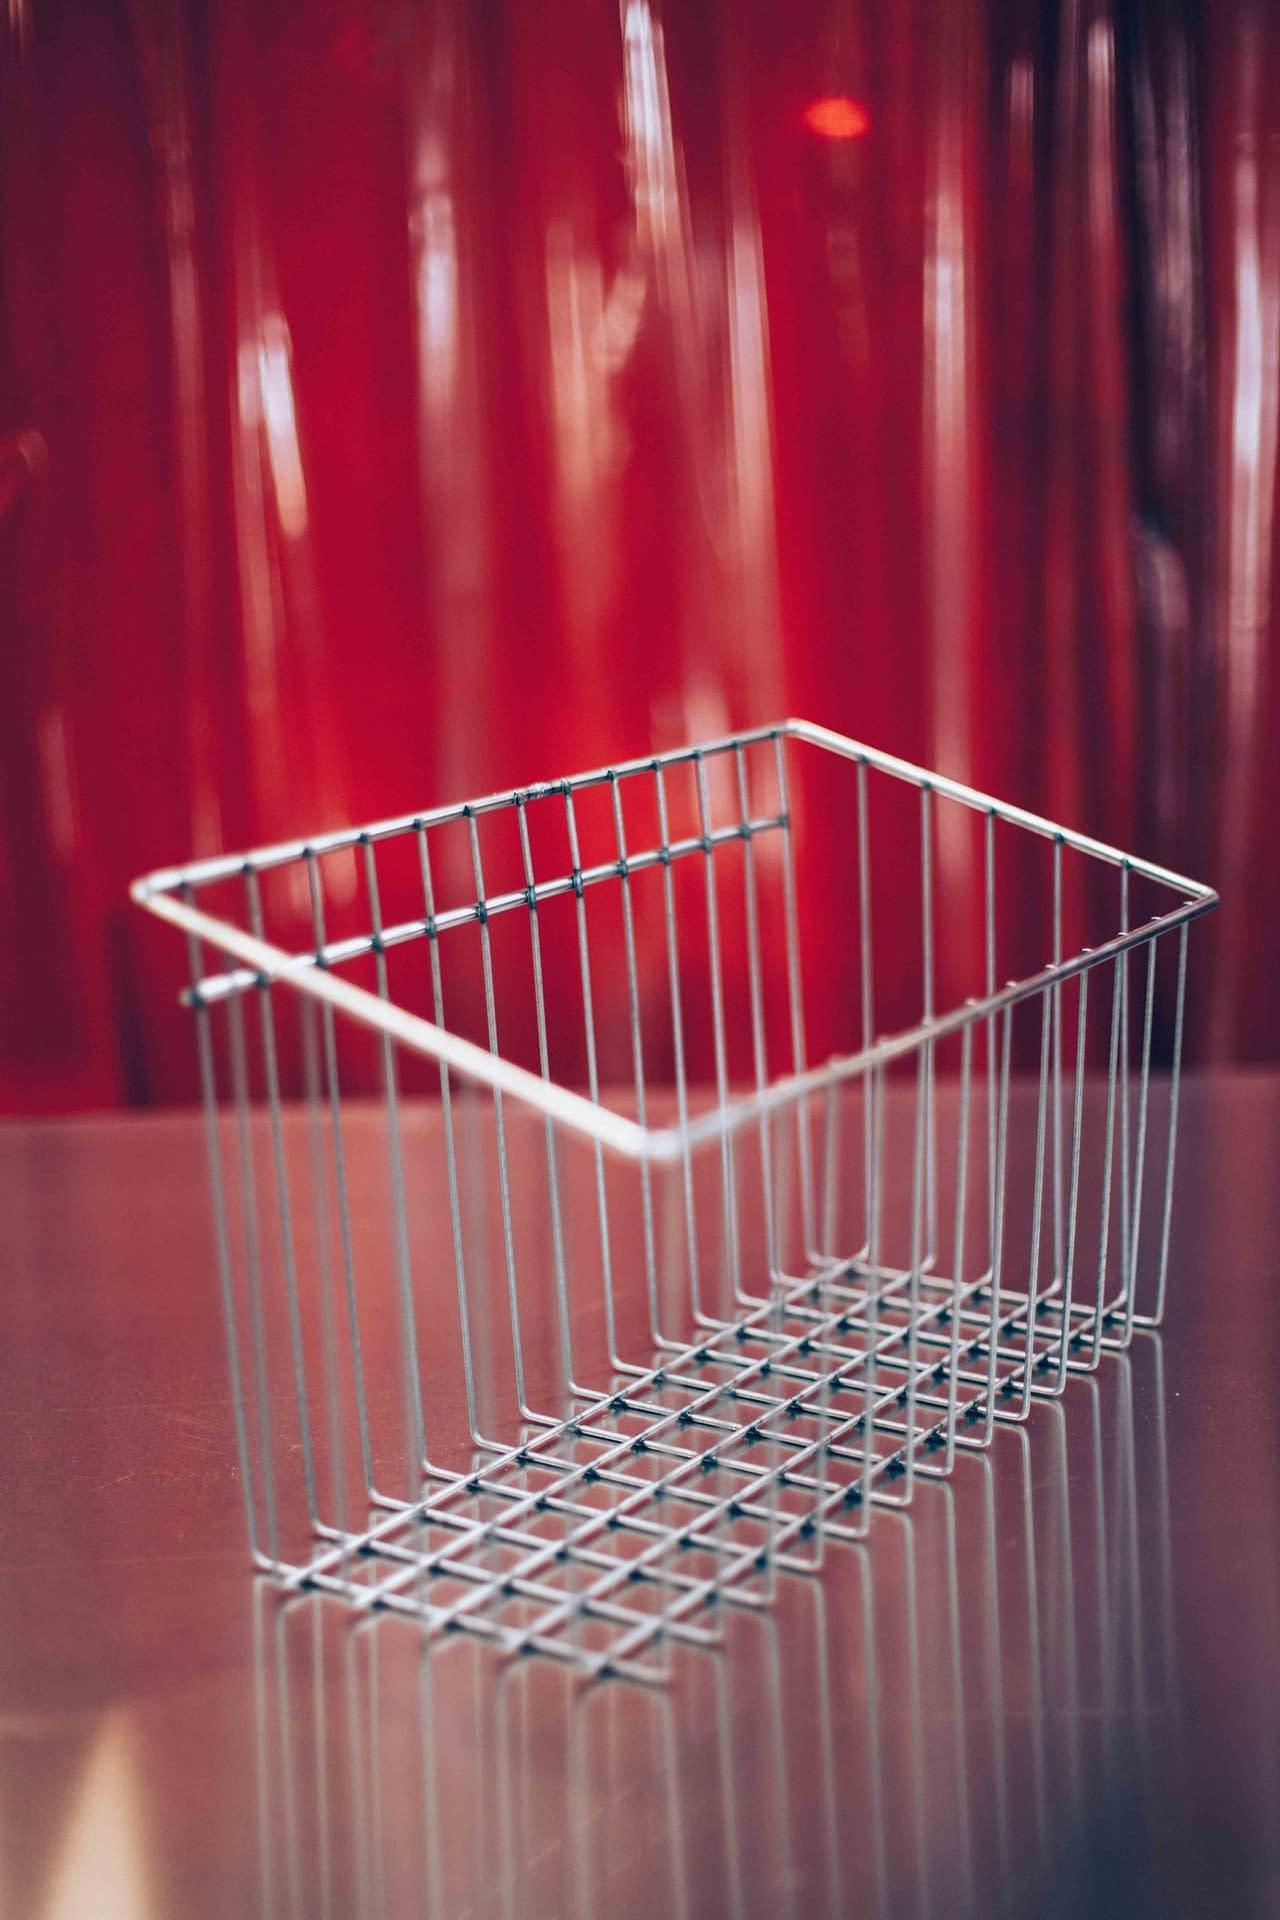 Fabricant de panier en fil métallique soudé : CFT industrie